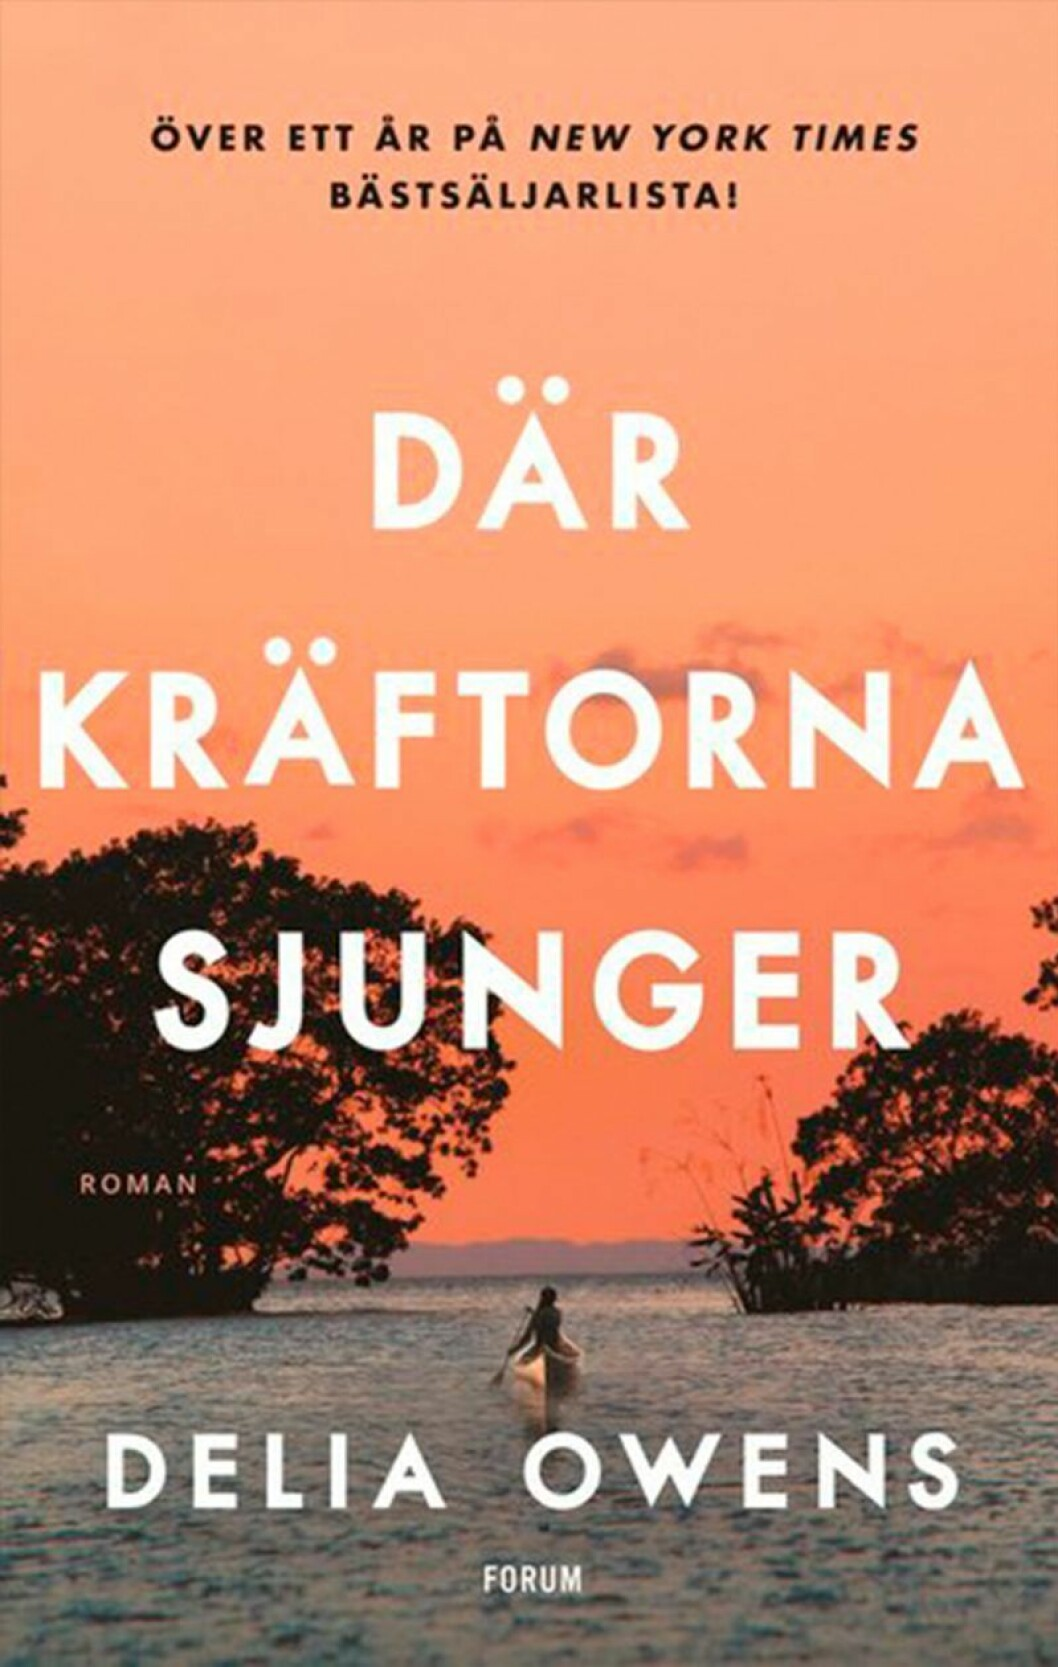 Bokomslag till Där kräftorna sjunger, en kvinna paddlar i en båt.